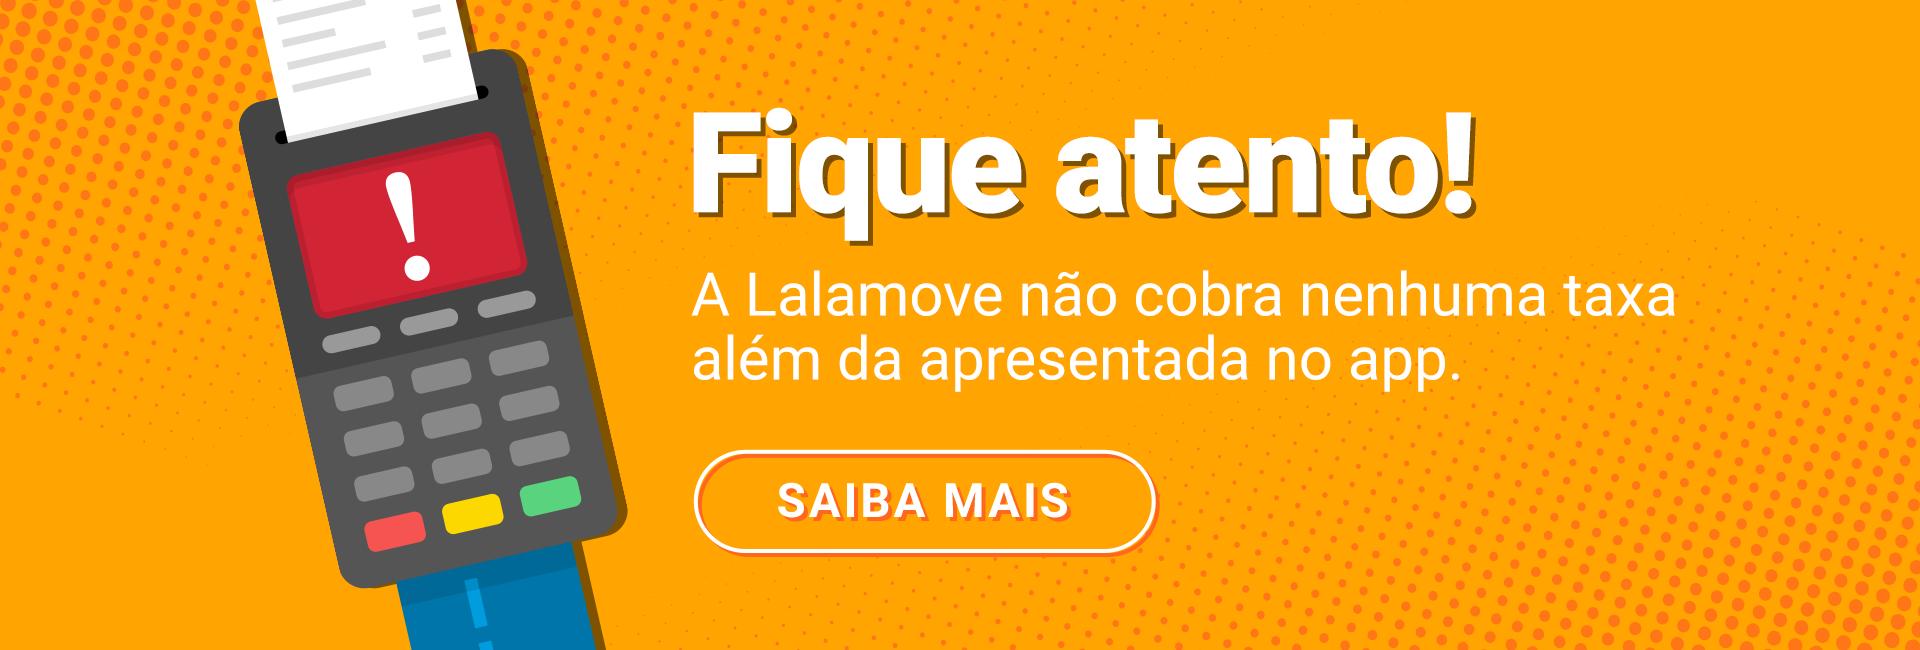 LandingPage_FiqueAtento-1